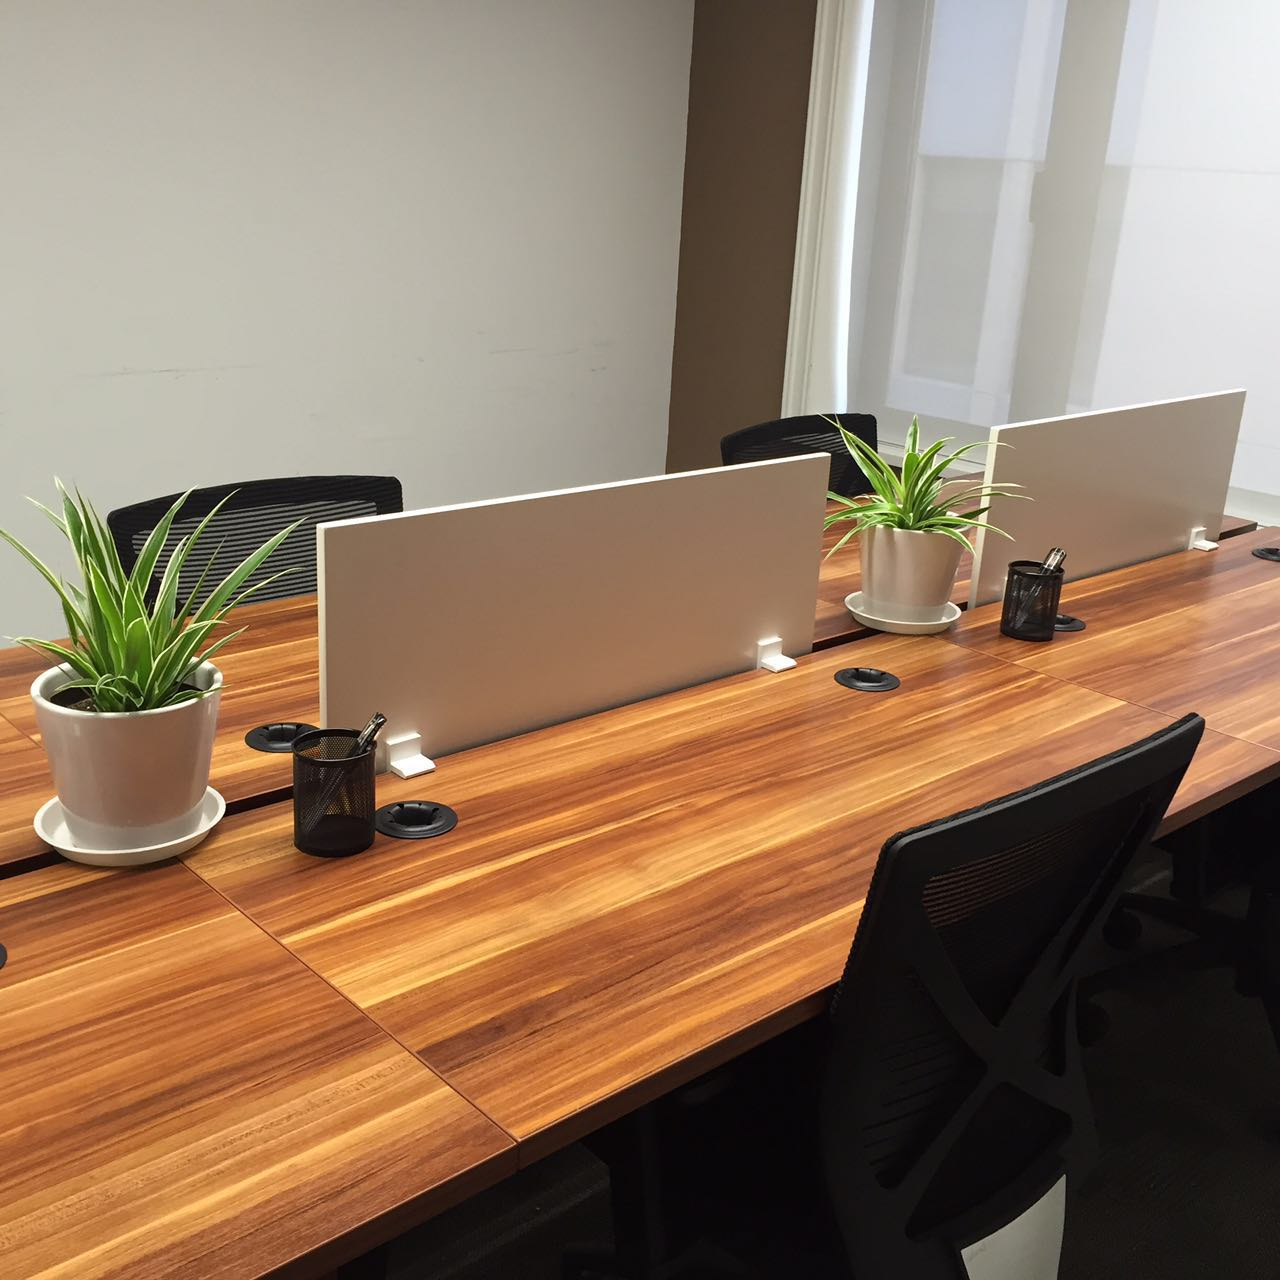 造绿坊-上海办公室绿植花卉租赁租摆平台-上海蓼华实业有限公司